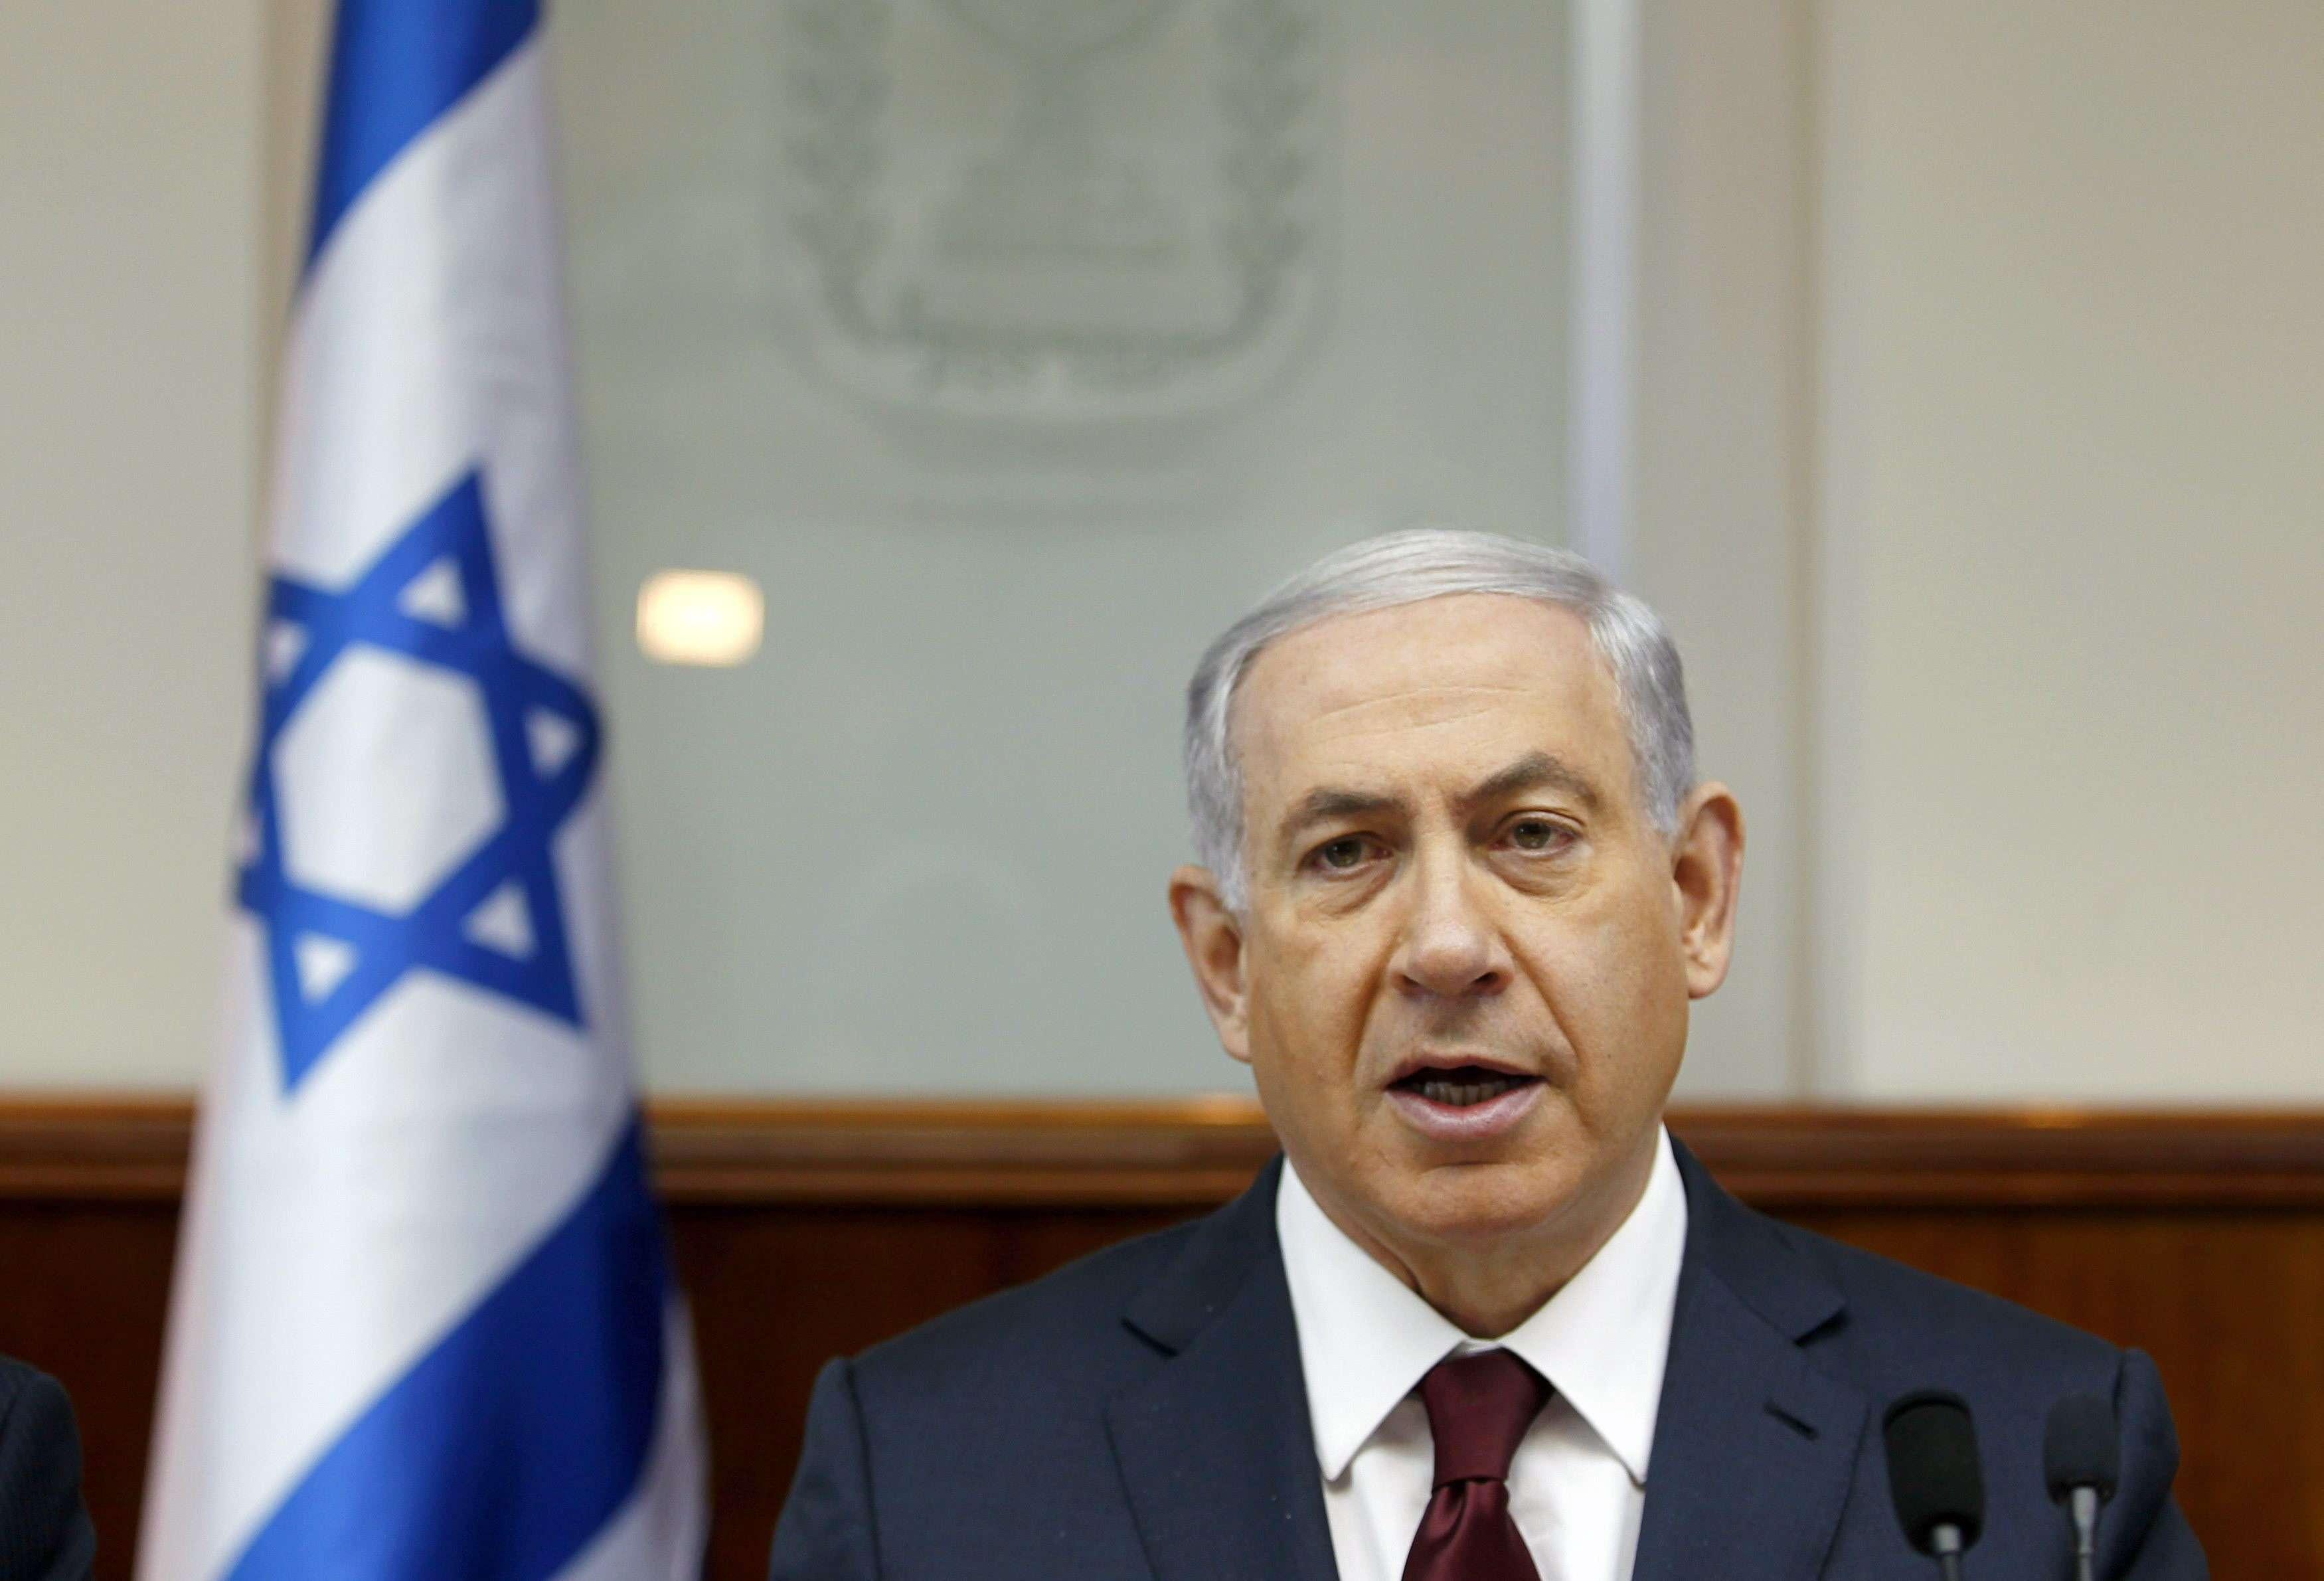 El presidente de Israel, Benjamin Netanyahu. Foto: EFE en español